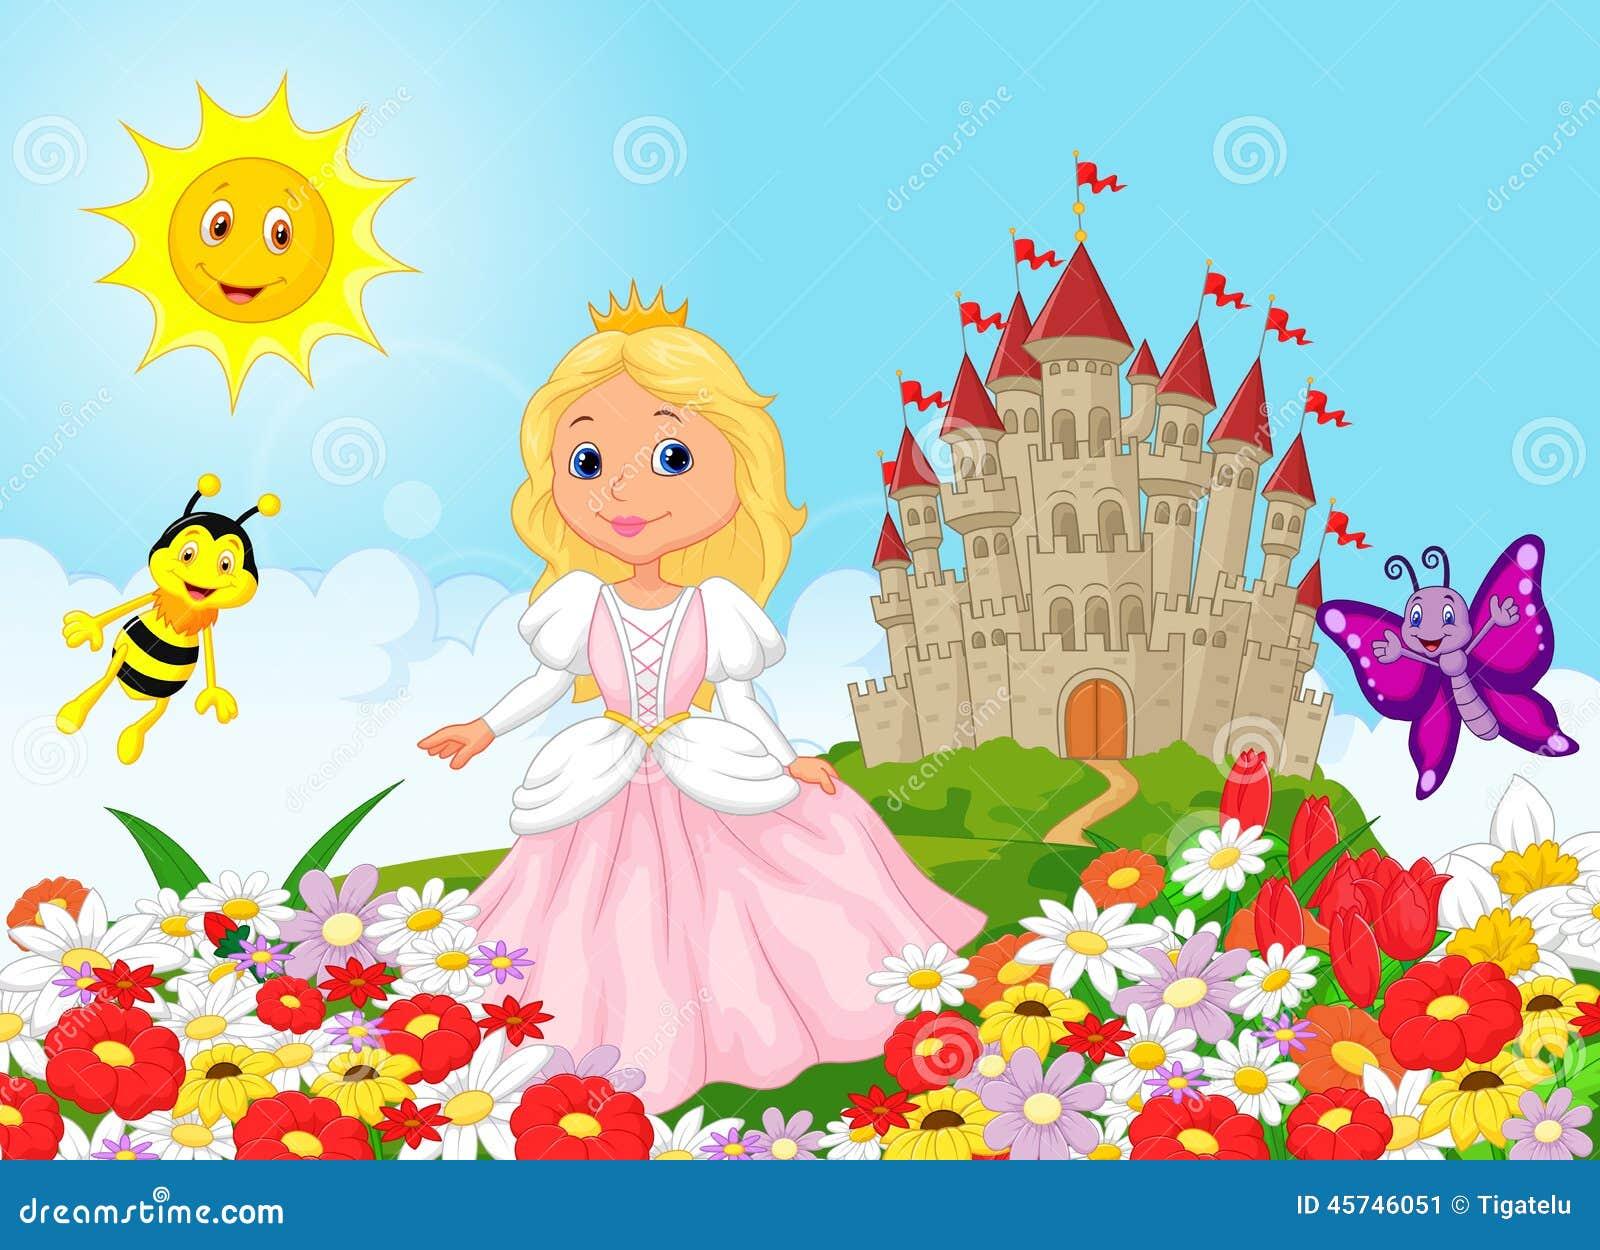 Cute Cartoon Princess In The Floral Garden Stock Vector ...